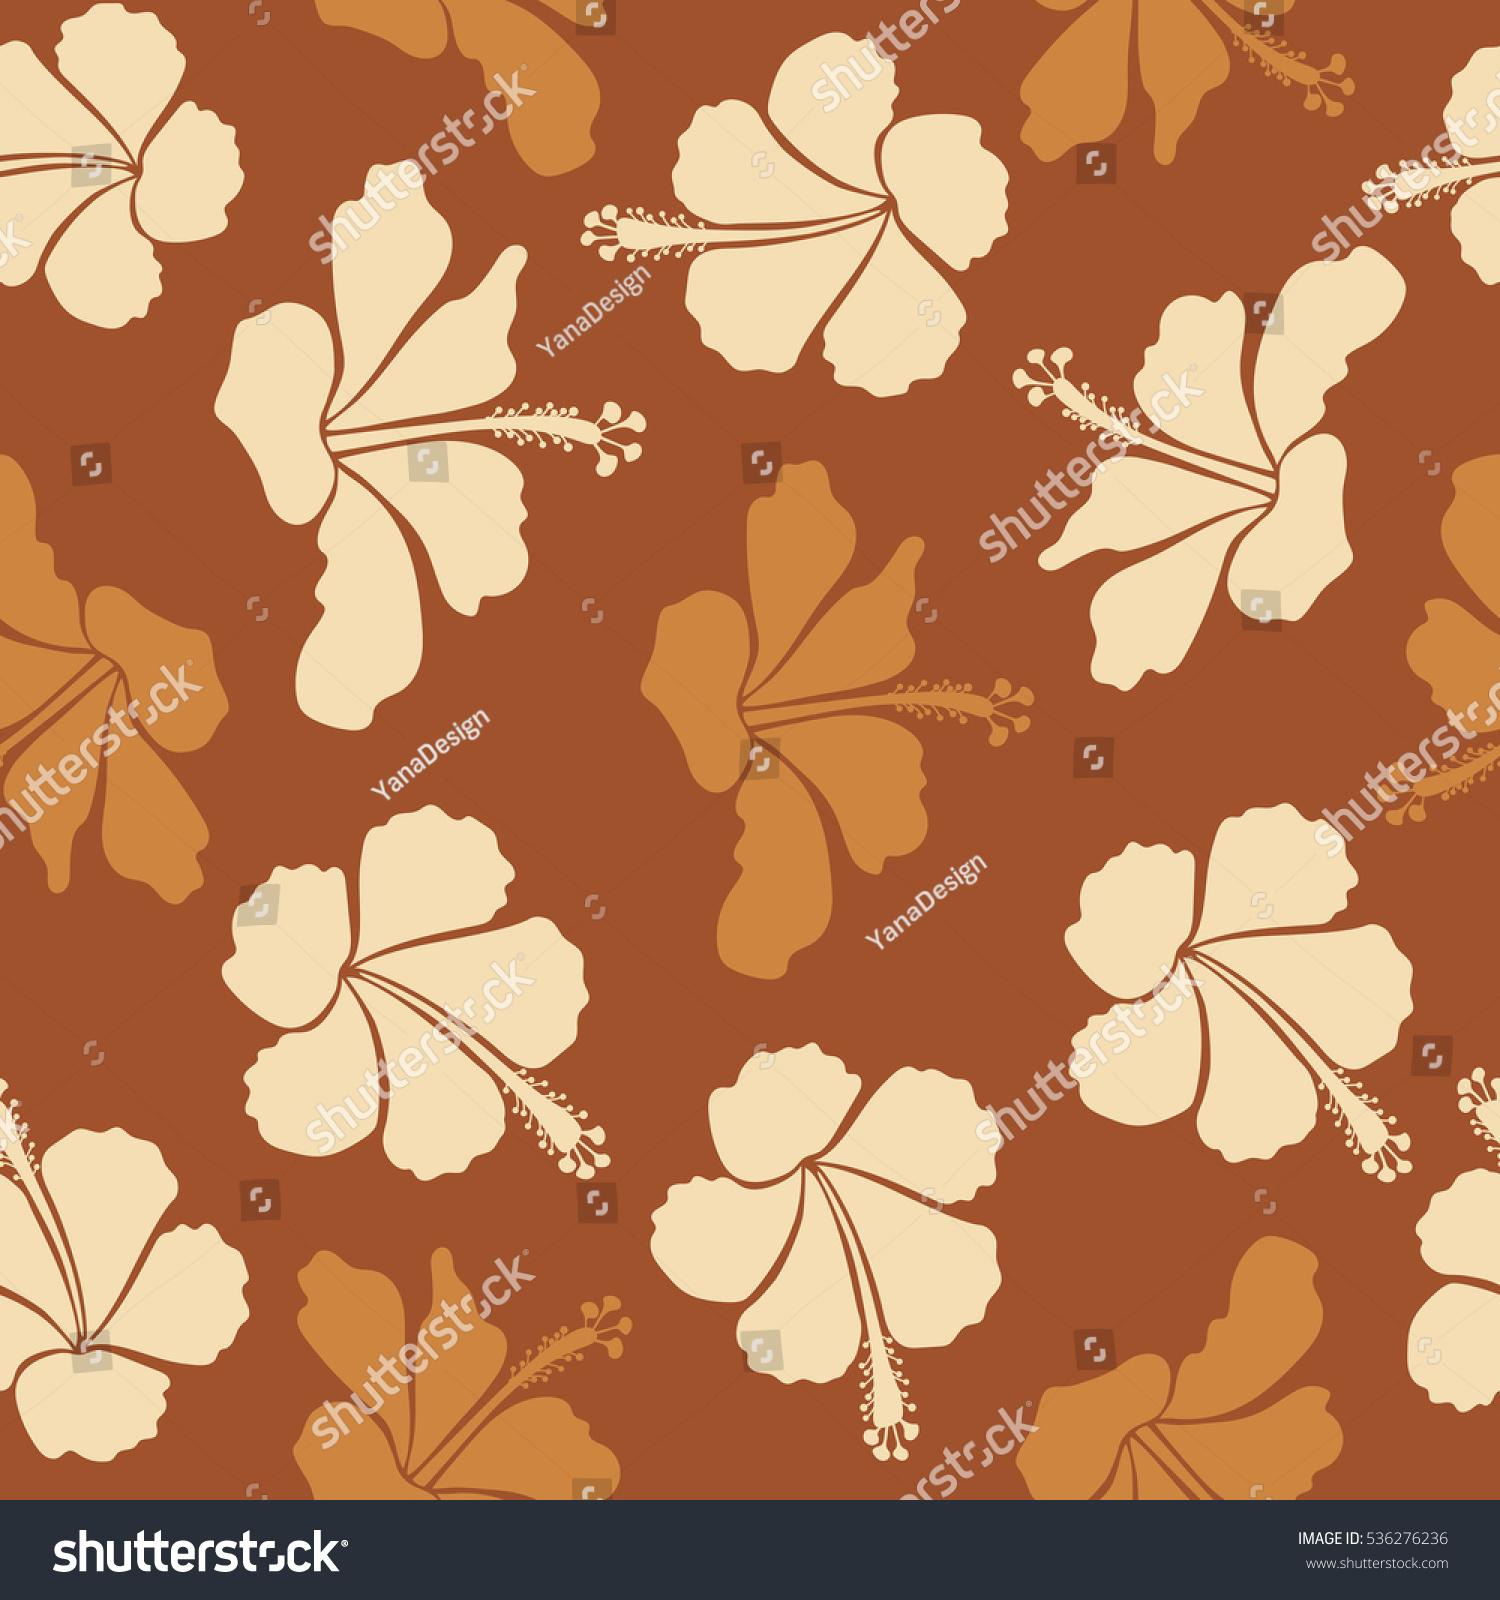 Hibiscus Flower Background Pretty Beige Brown Stock Illustration